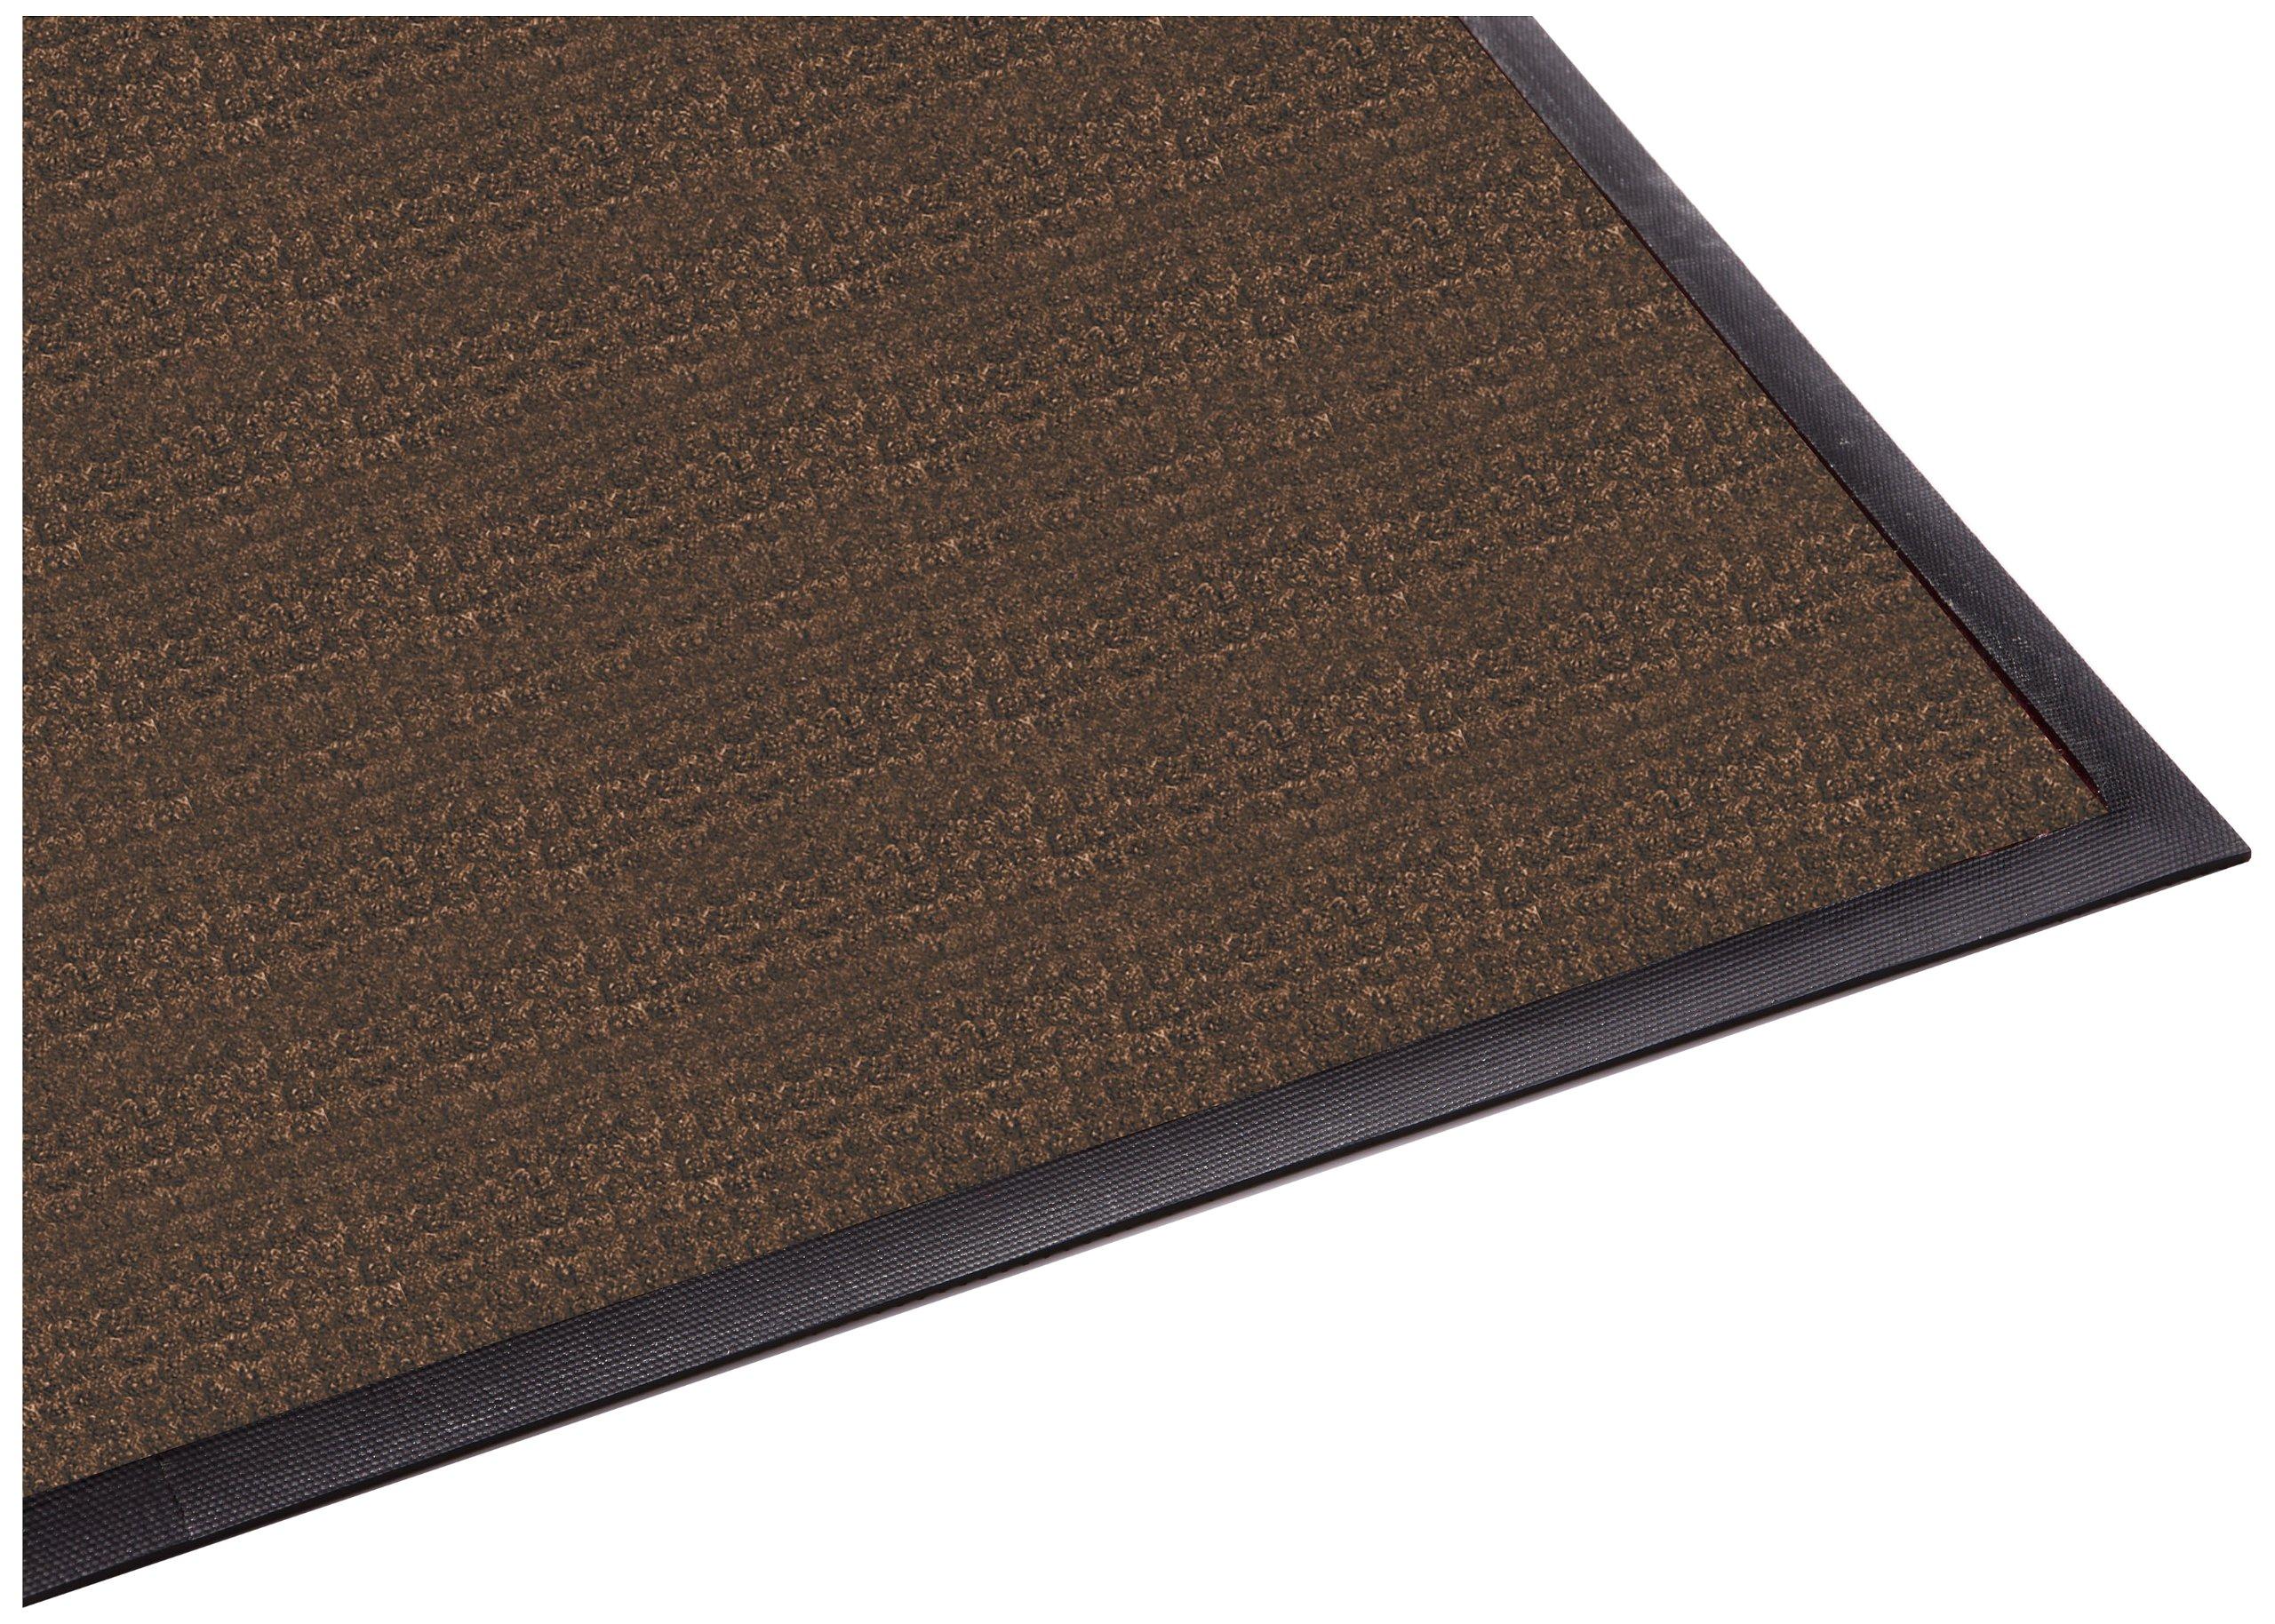 Guardian WaterGuard Indoor/Outdoor Wiper Scraper Floor Mat, Rubber/Nylon, 4'x20', Brown